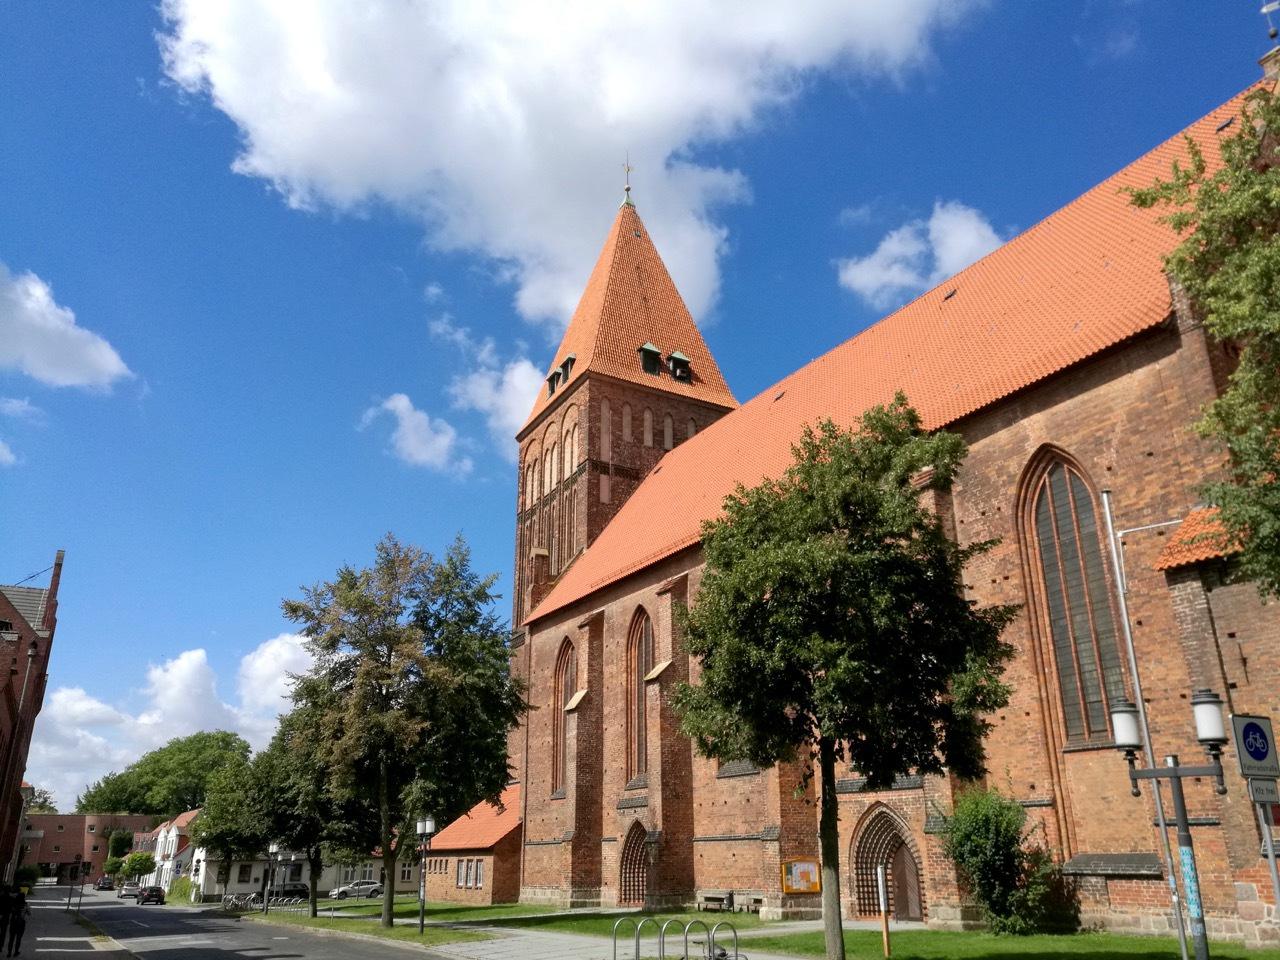 《从前慢》唱的就是这里吧?德国北部最迷人的古城渔村